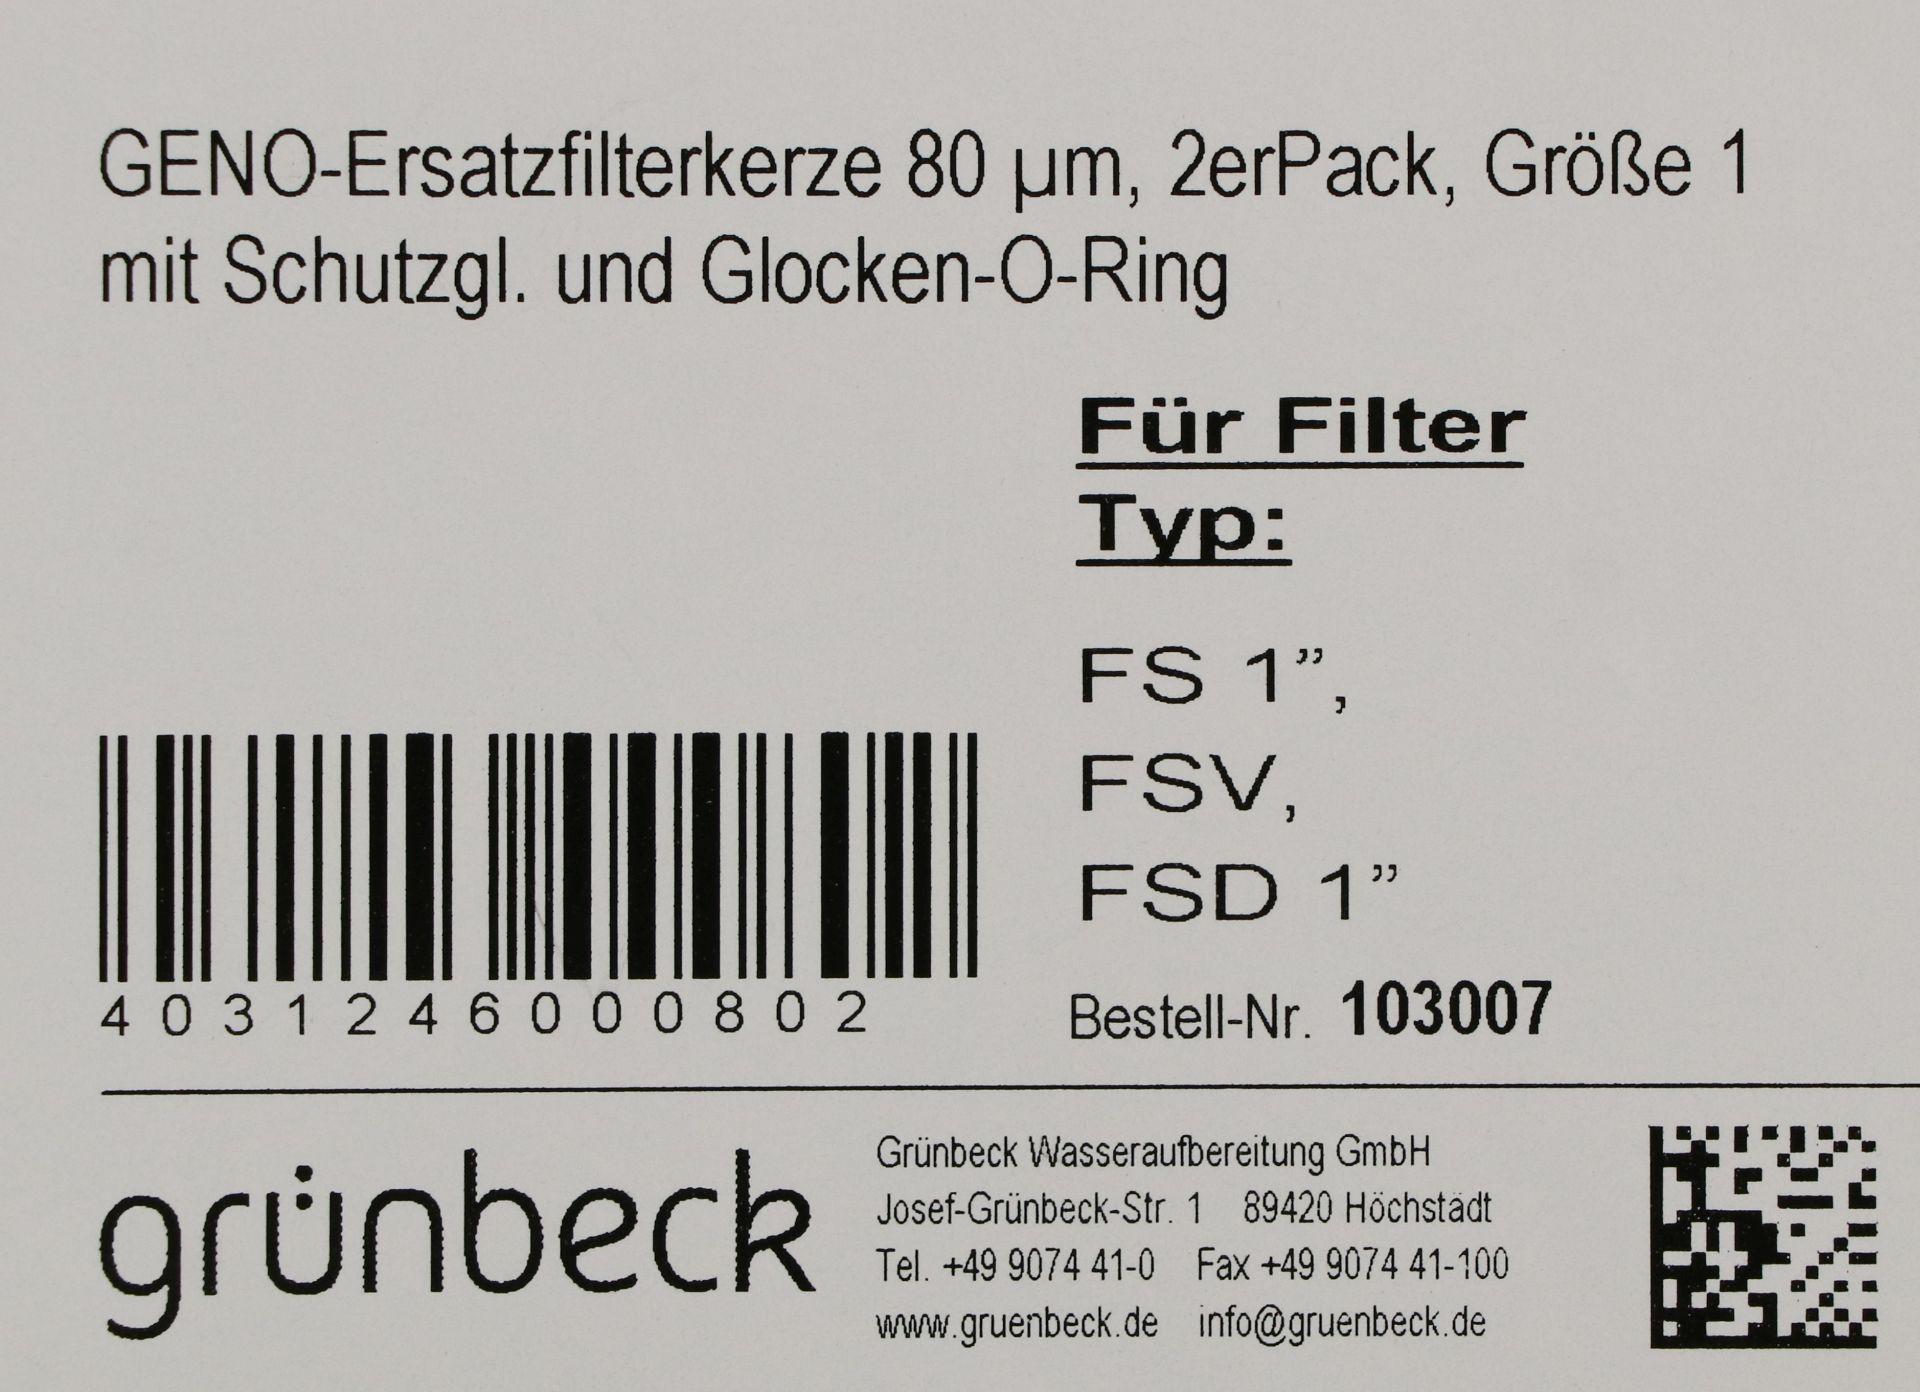 grünbeck GENO-Ersatzfilterkerze, 80 µm, Größe 1, mit Schutzglocke und O-Ring, für grünbeck-Wasserfilter, 2-er Pack